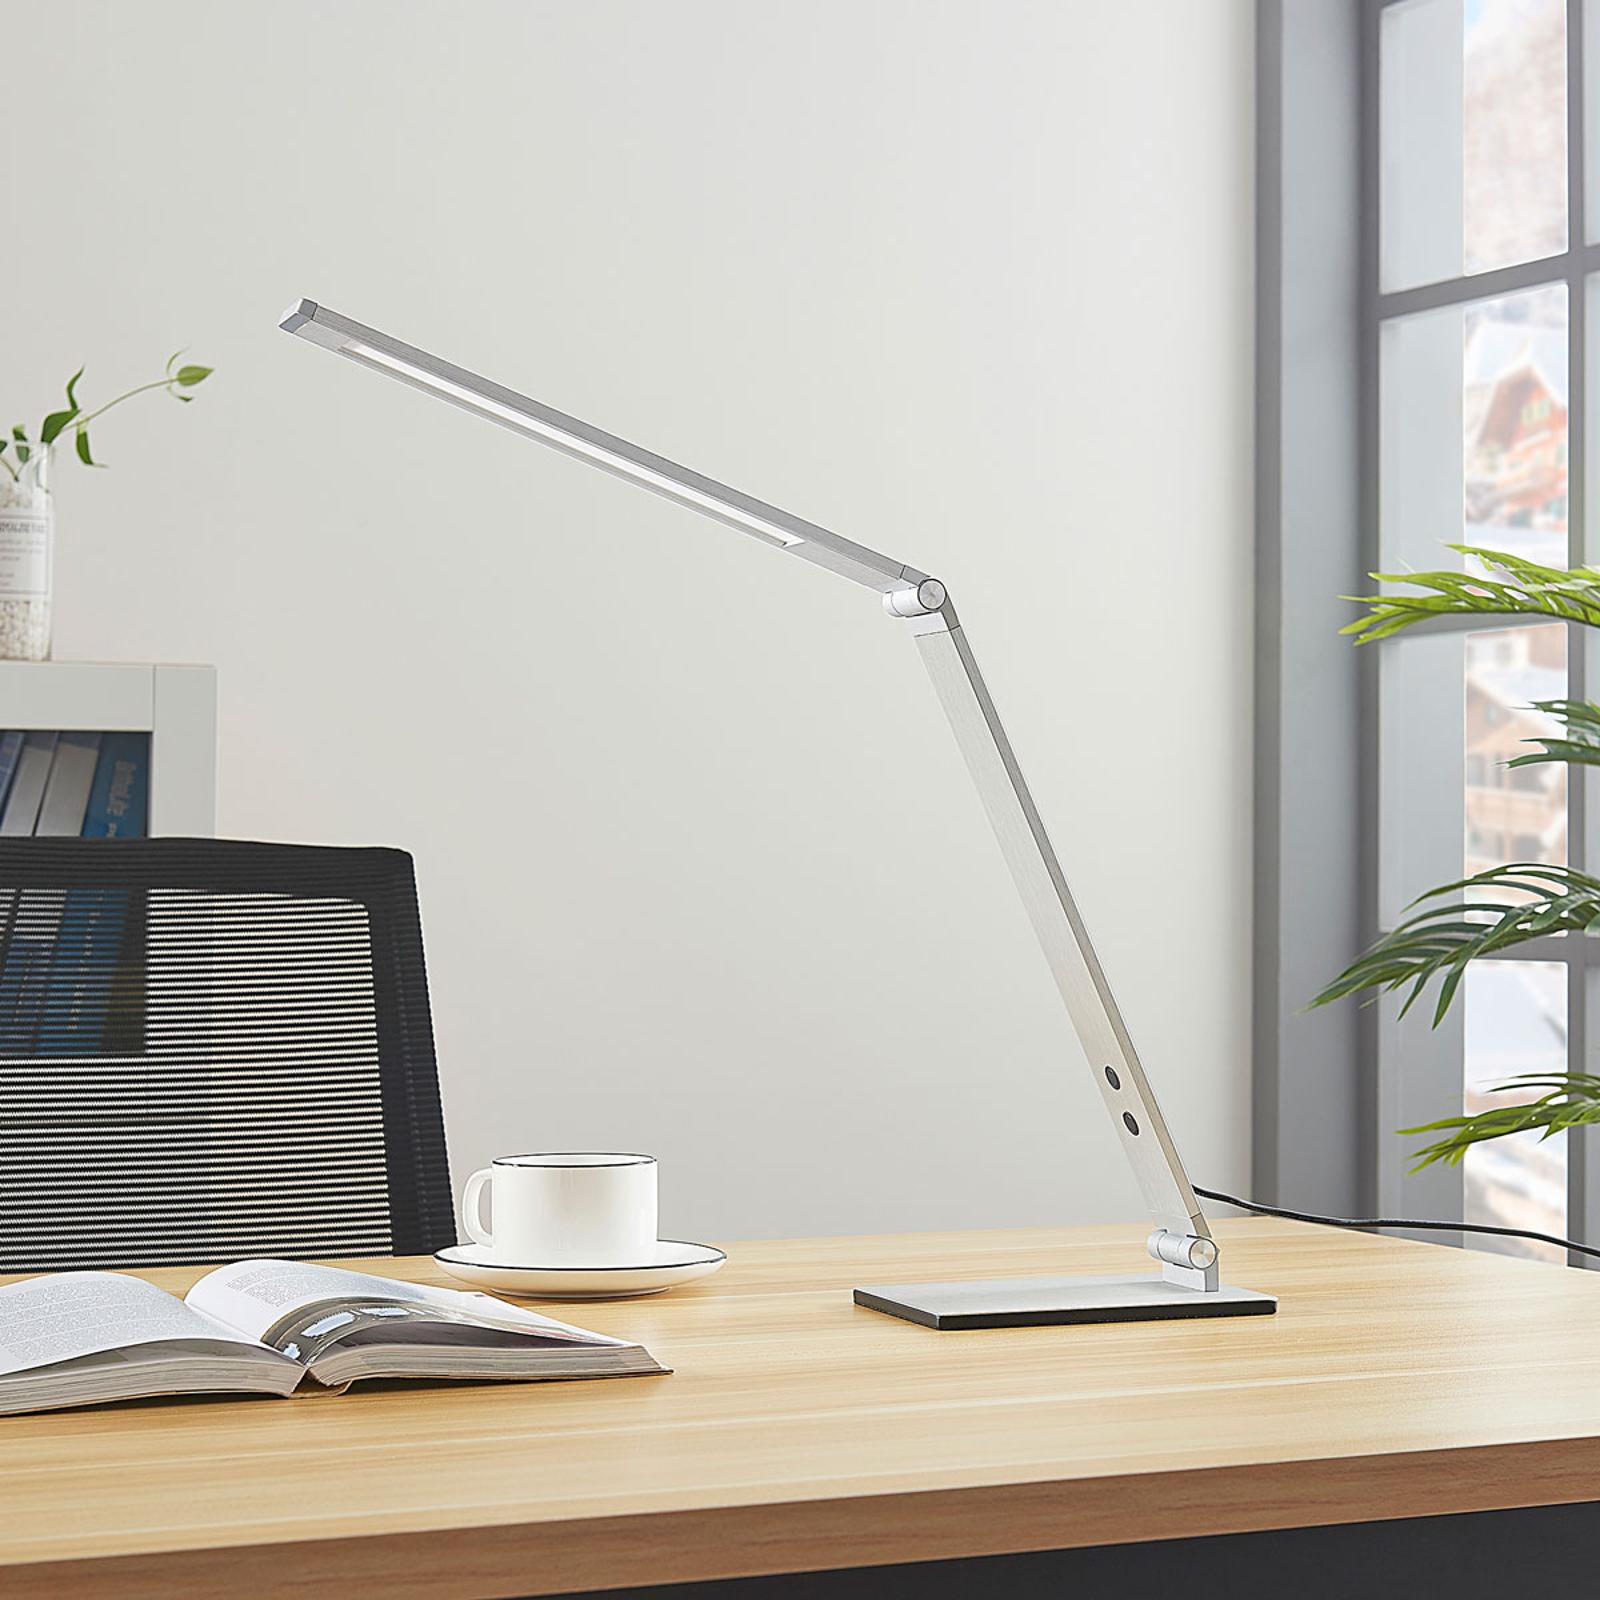 Lampe de bureau LED Nicano alu avec variateur